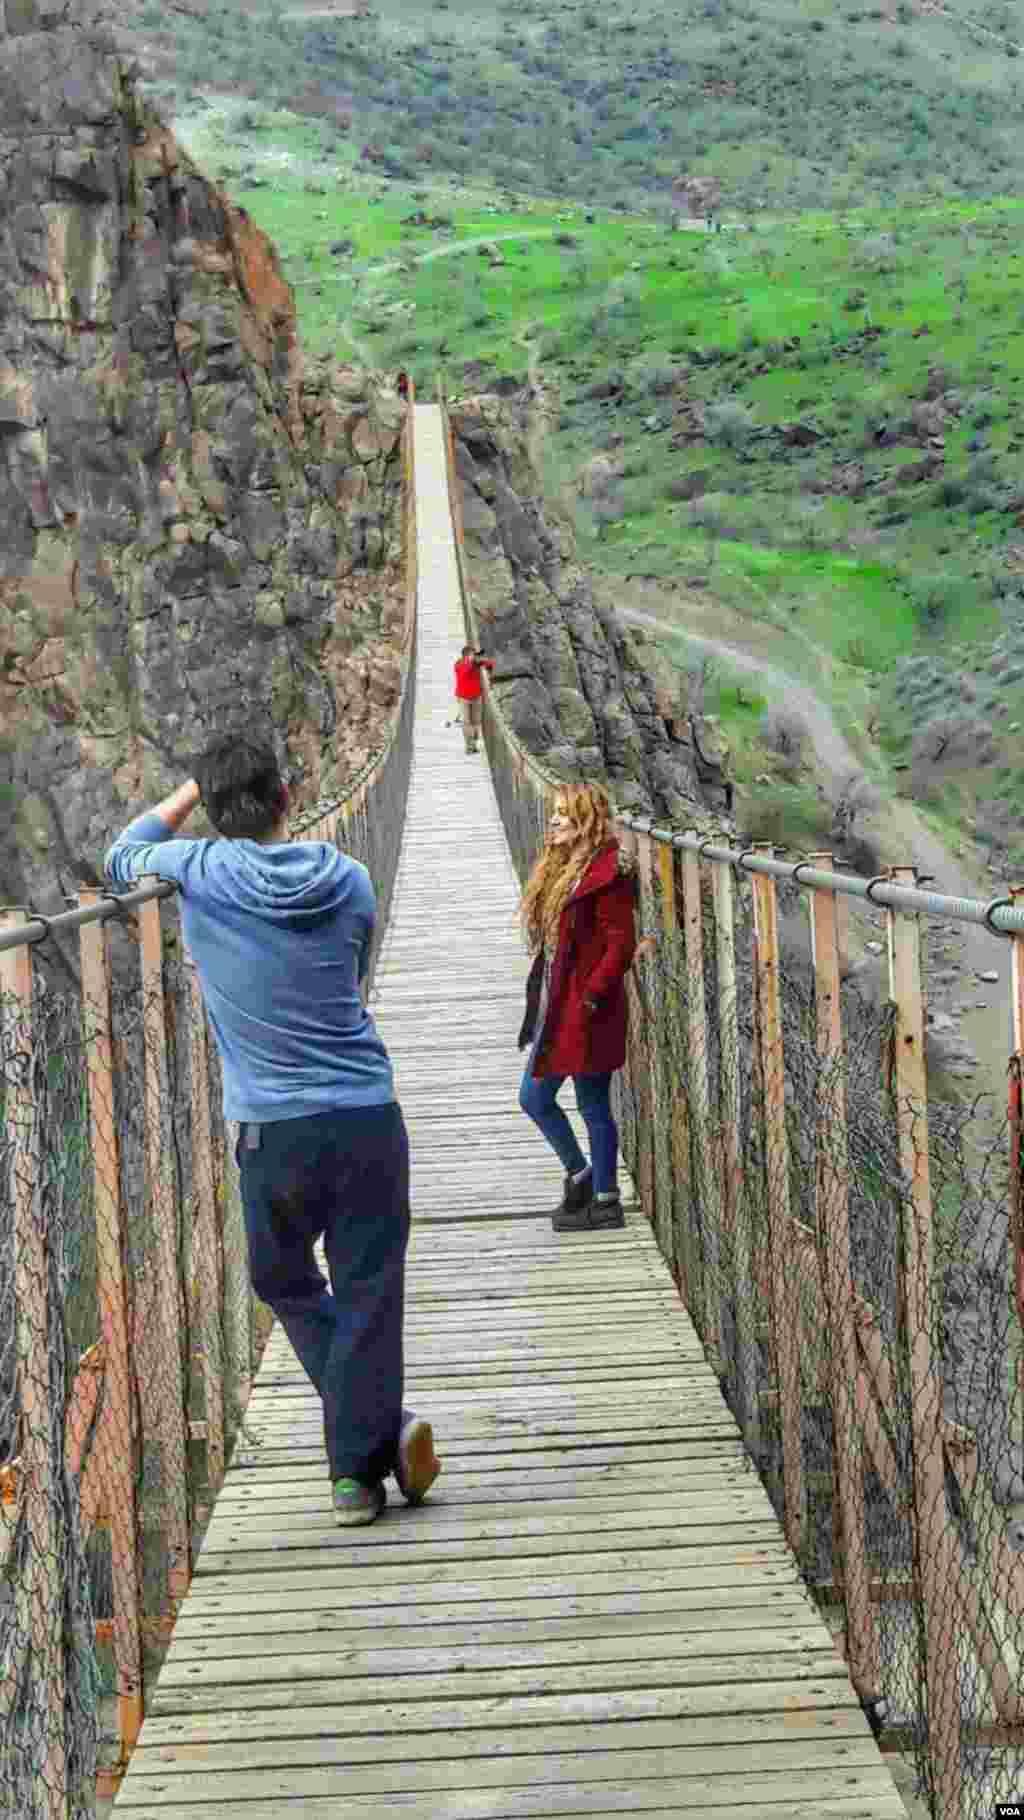 پل معلق پیرتقی در اردبیل عکس: از گروه کوهنوردی دومان داغچیلار تبریز (ارسالی شما)